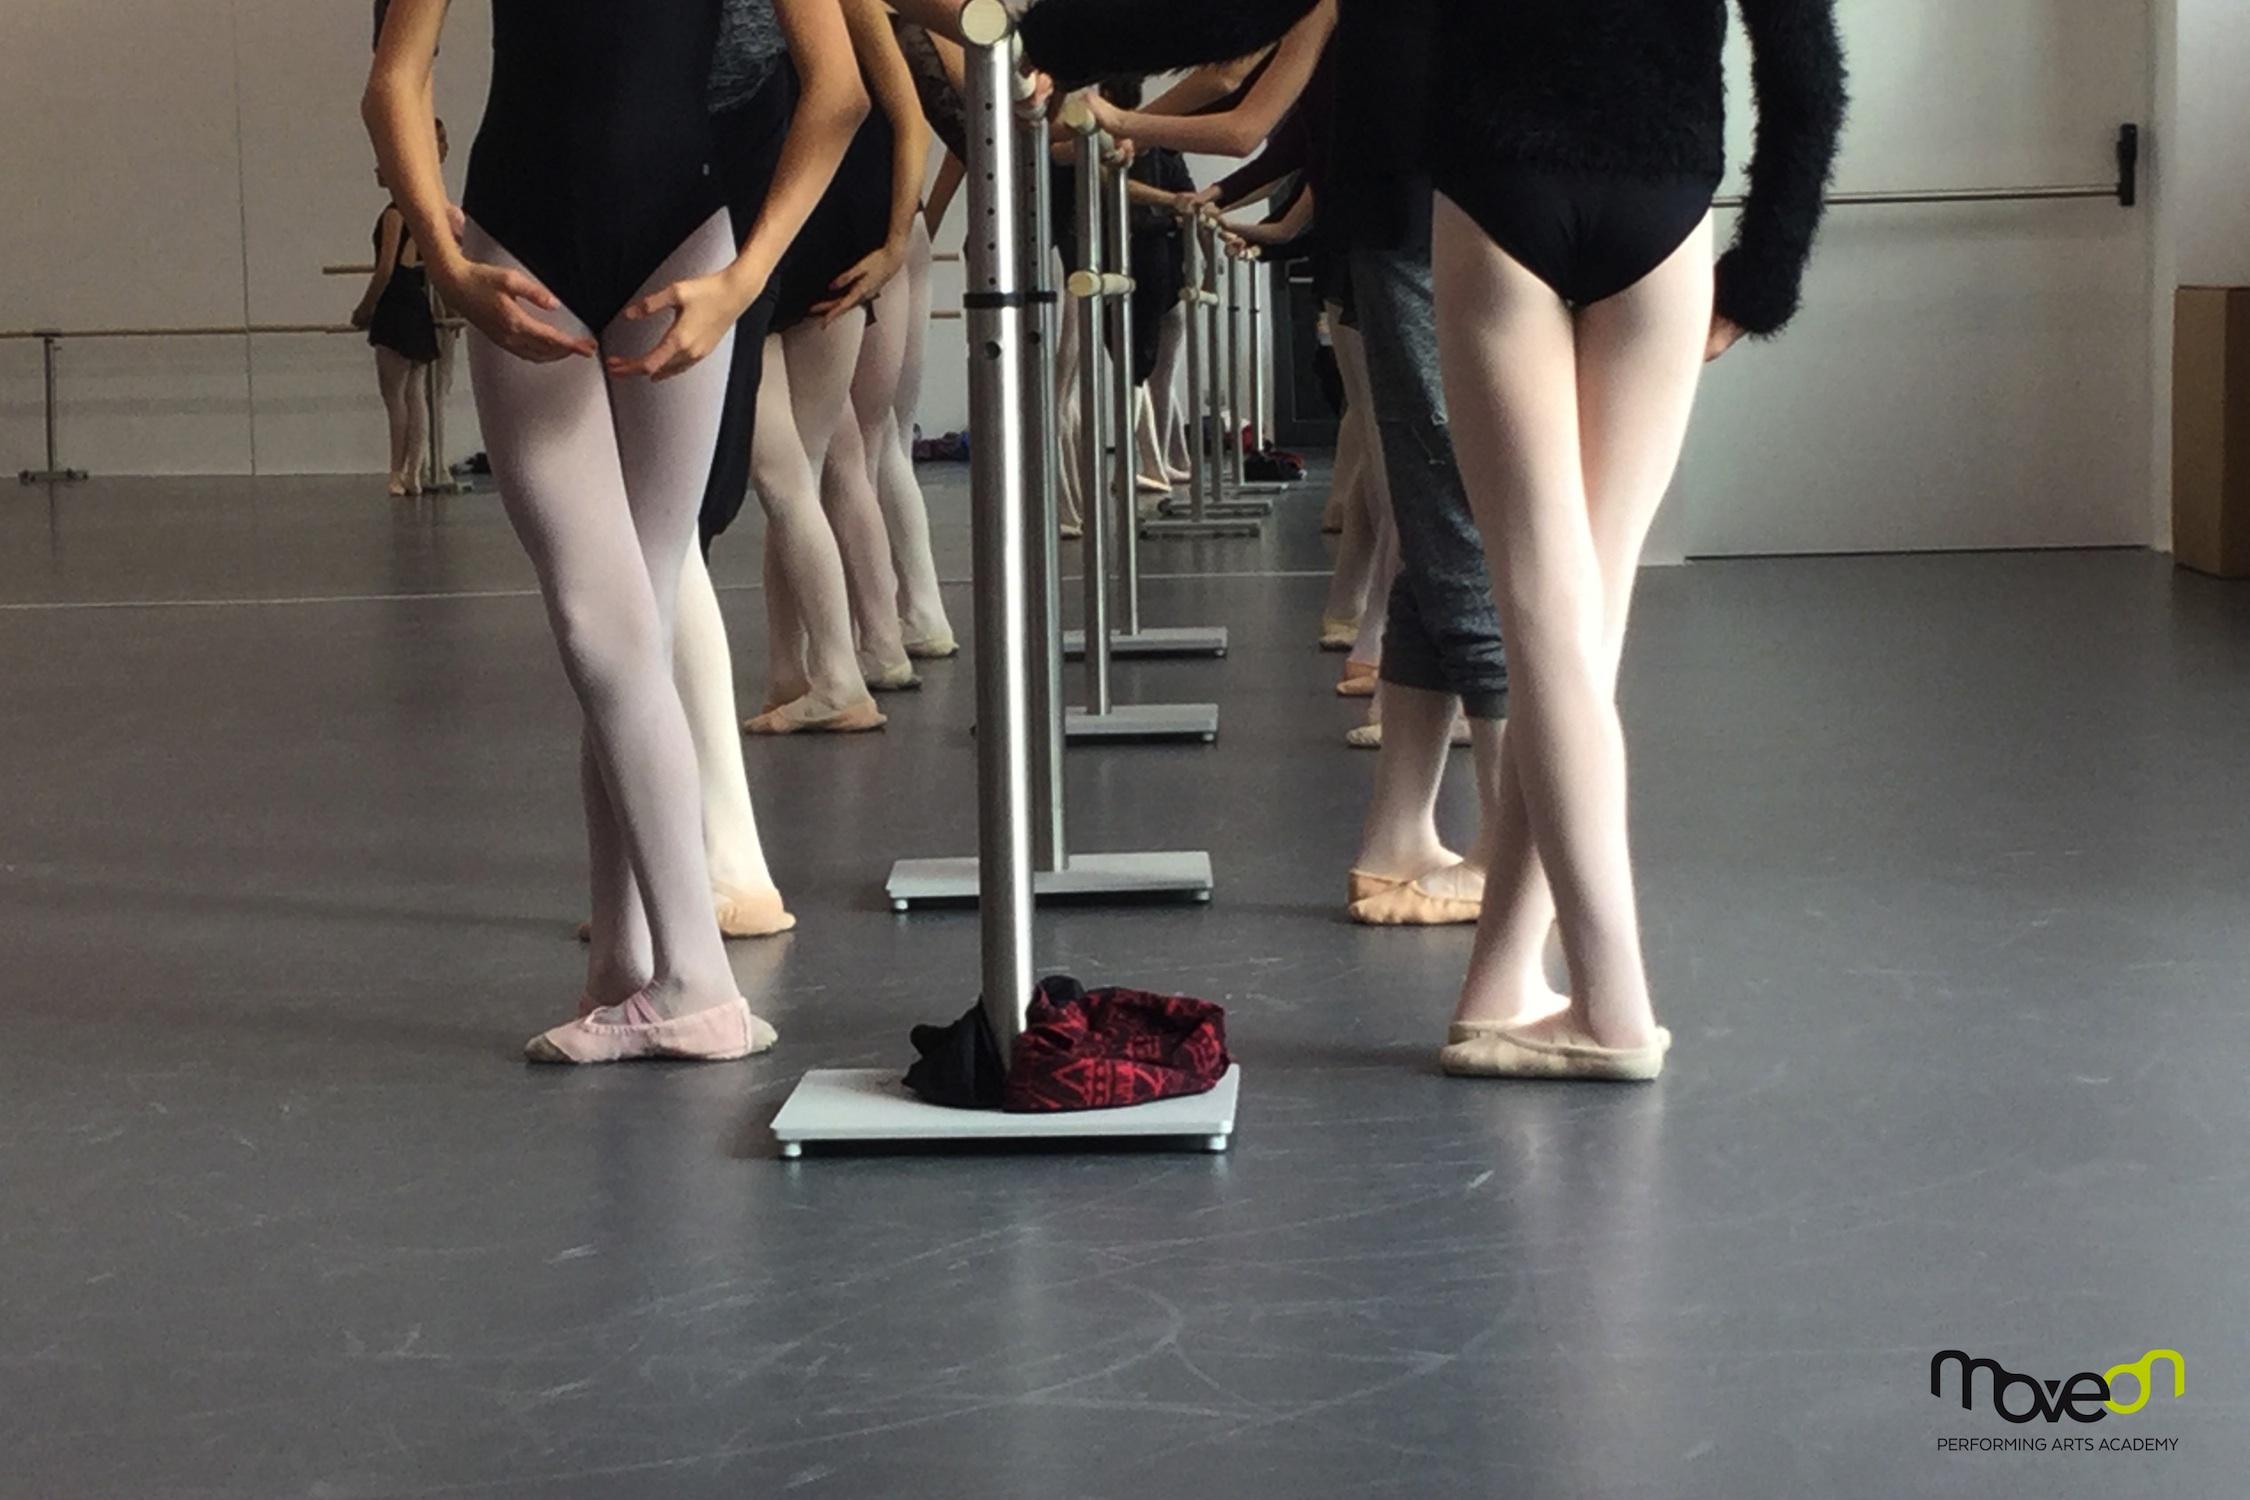 MoveOn - lezioni gratuite a Milano - attività 7